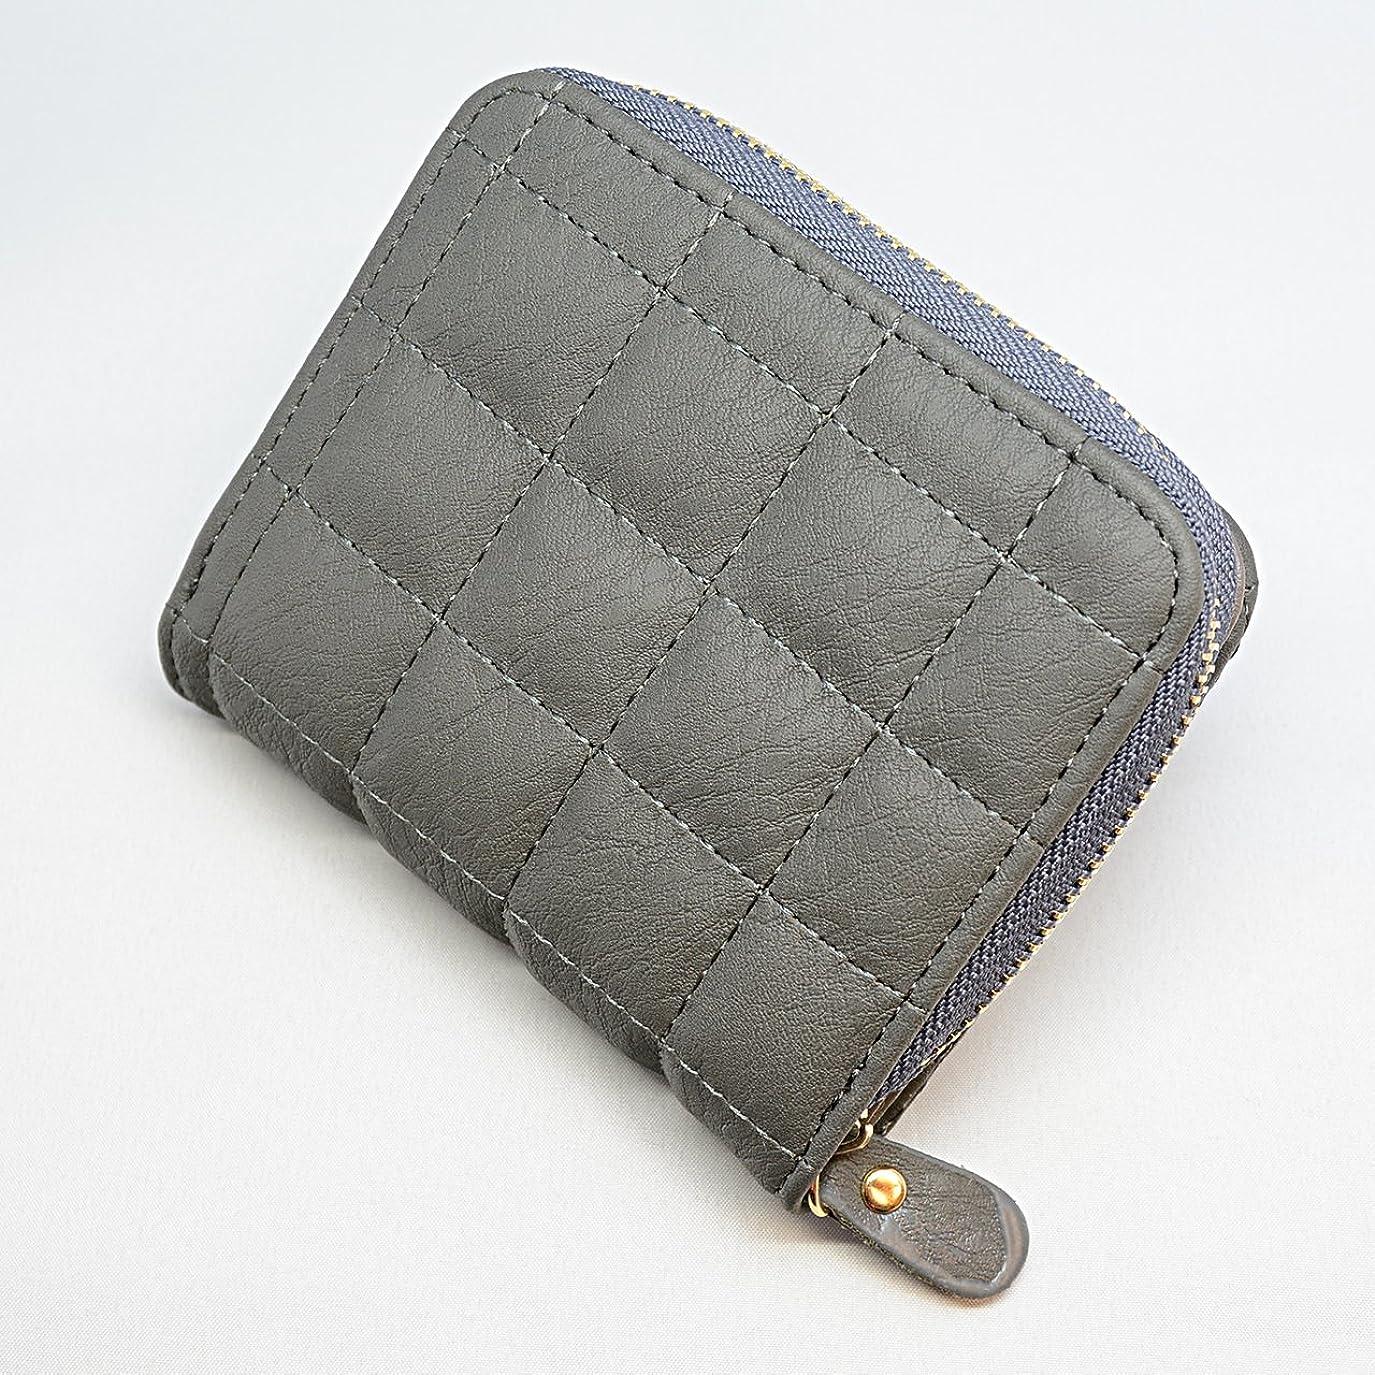 テロオピエート審判お洒落なステッチデザインの2つ折り財布 ミニ財布 ラウンドファスナー ノーブランド品